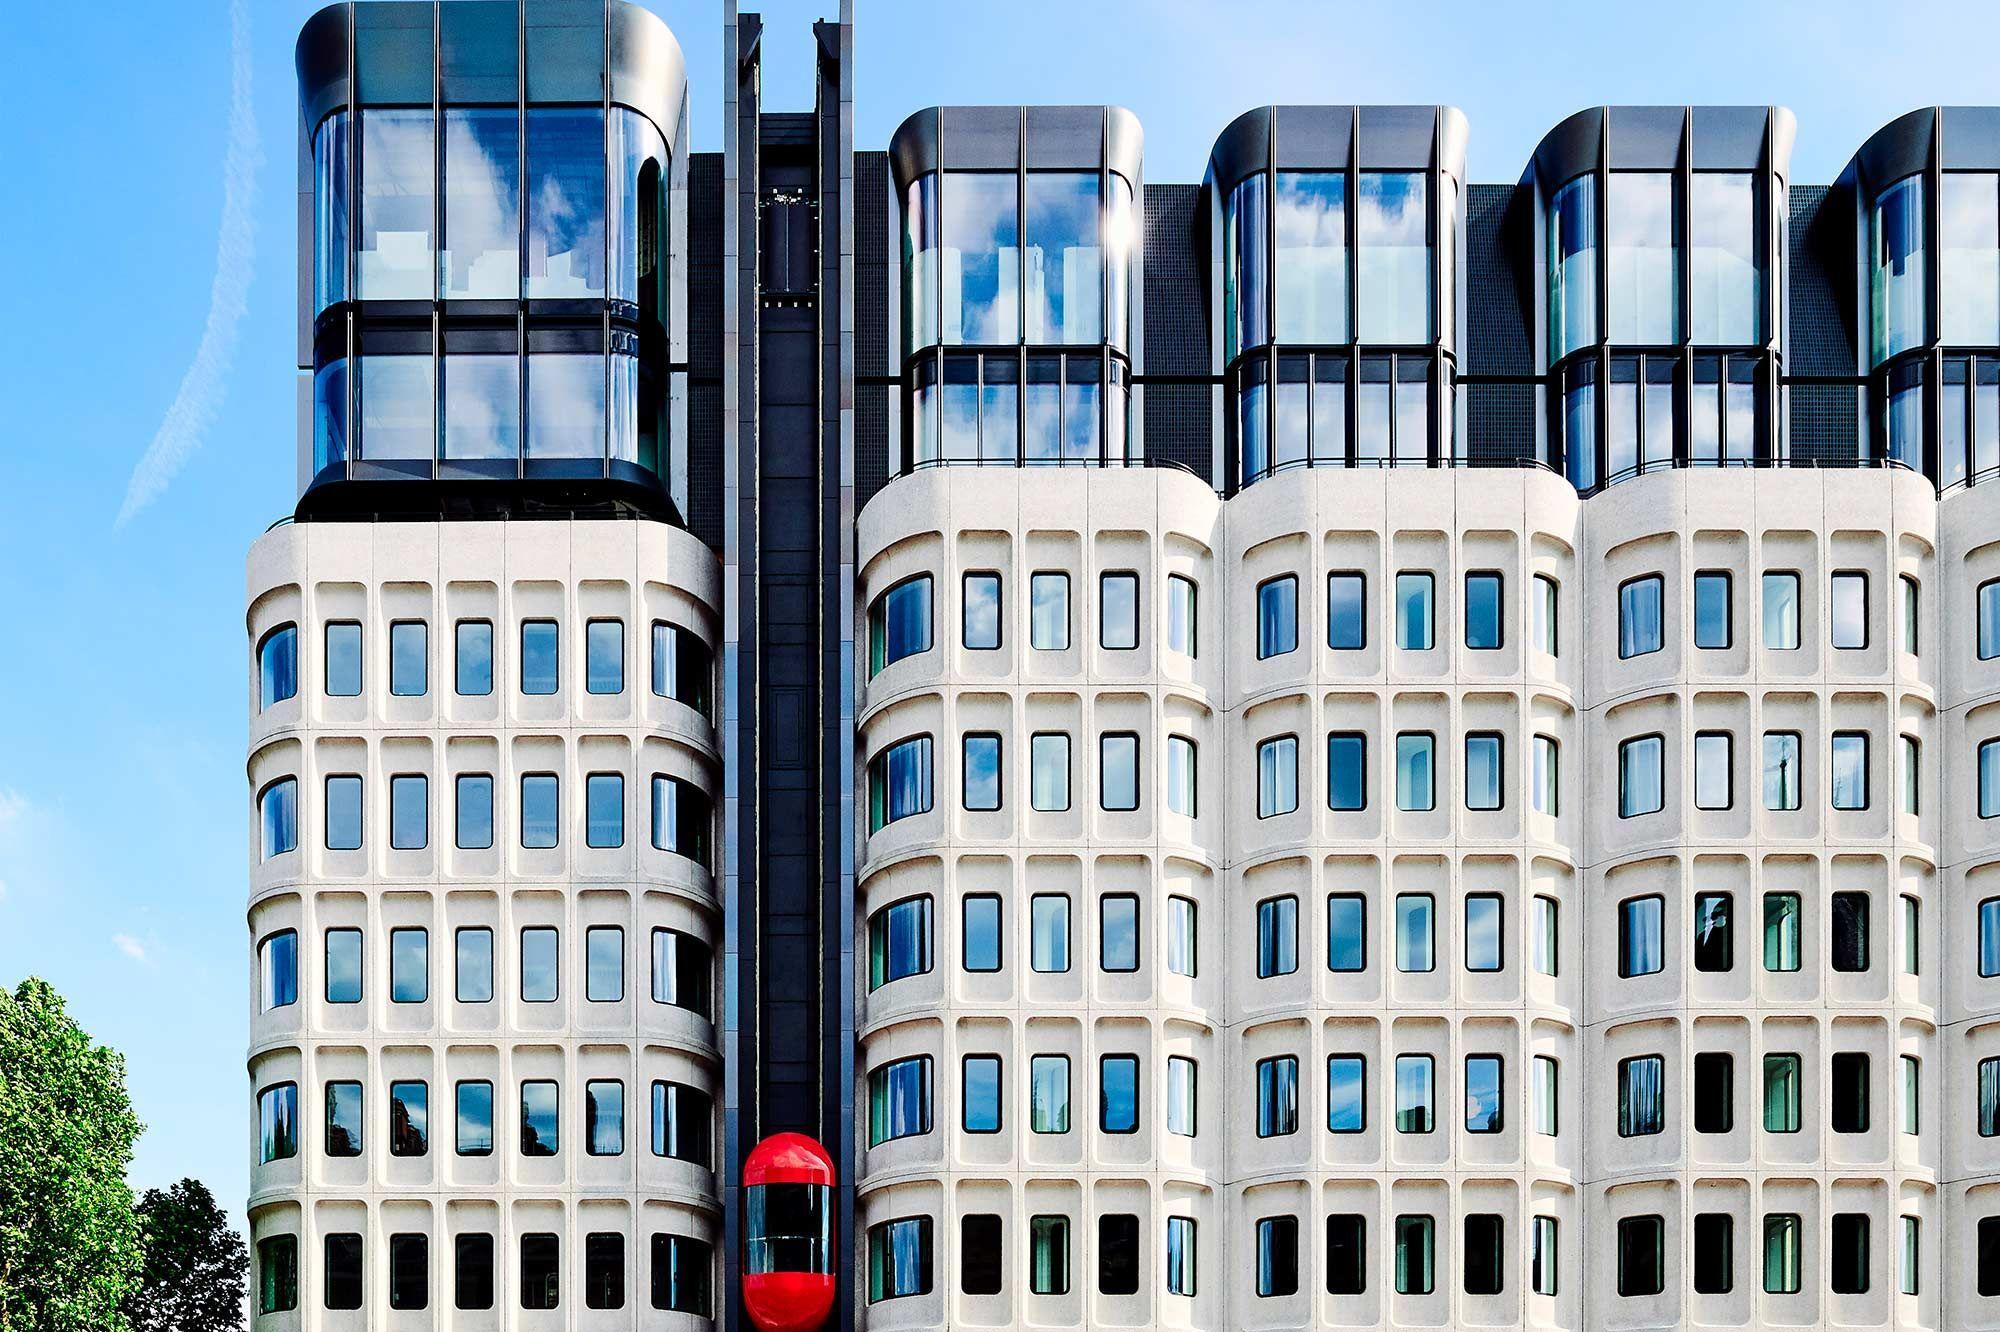 A Londres, un hôtel branché pour se plonger dans les années 70